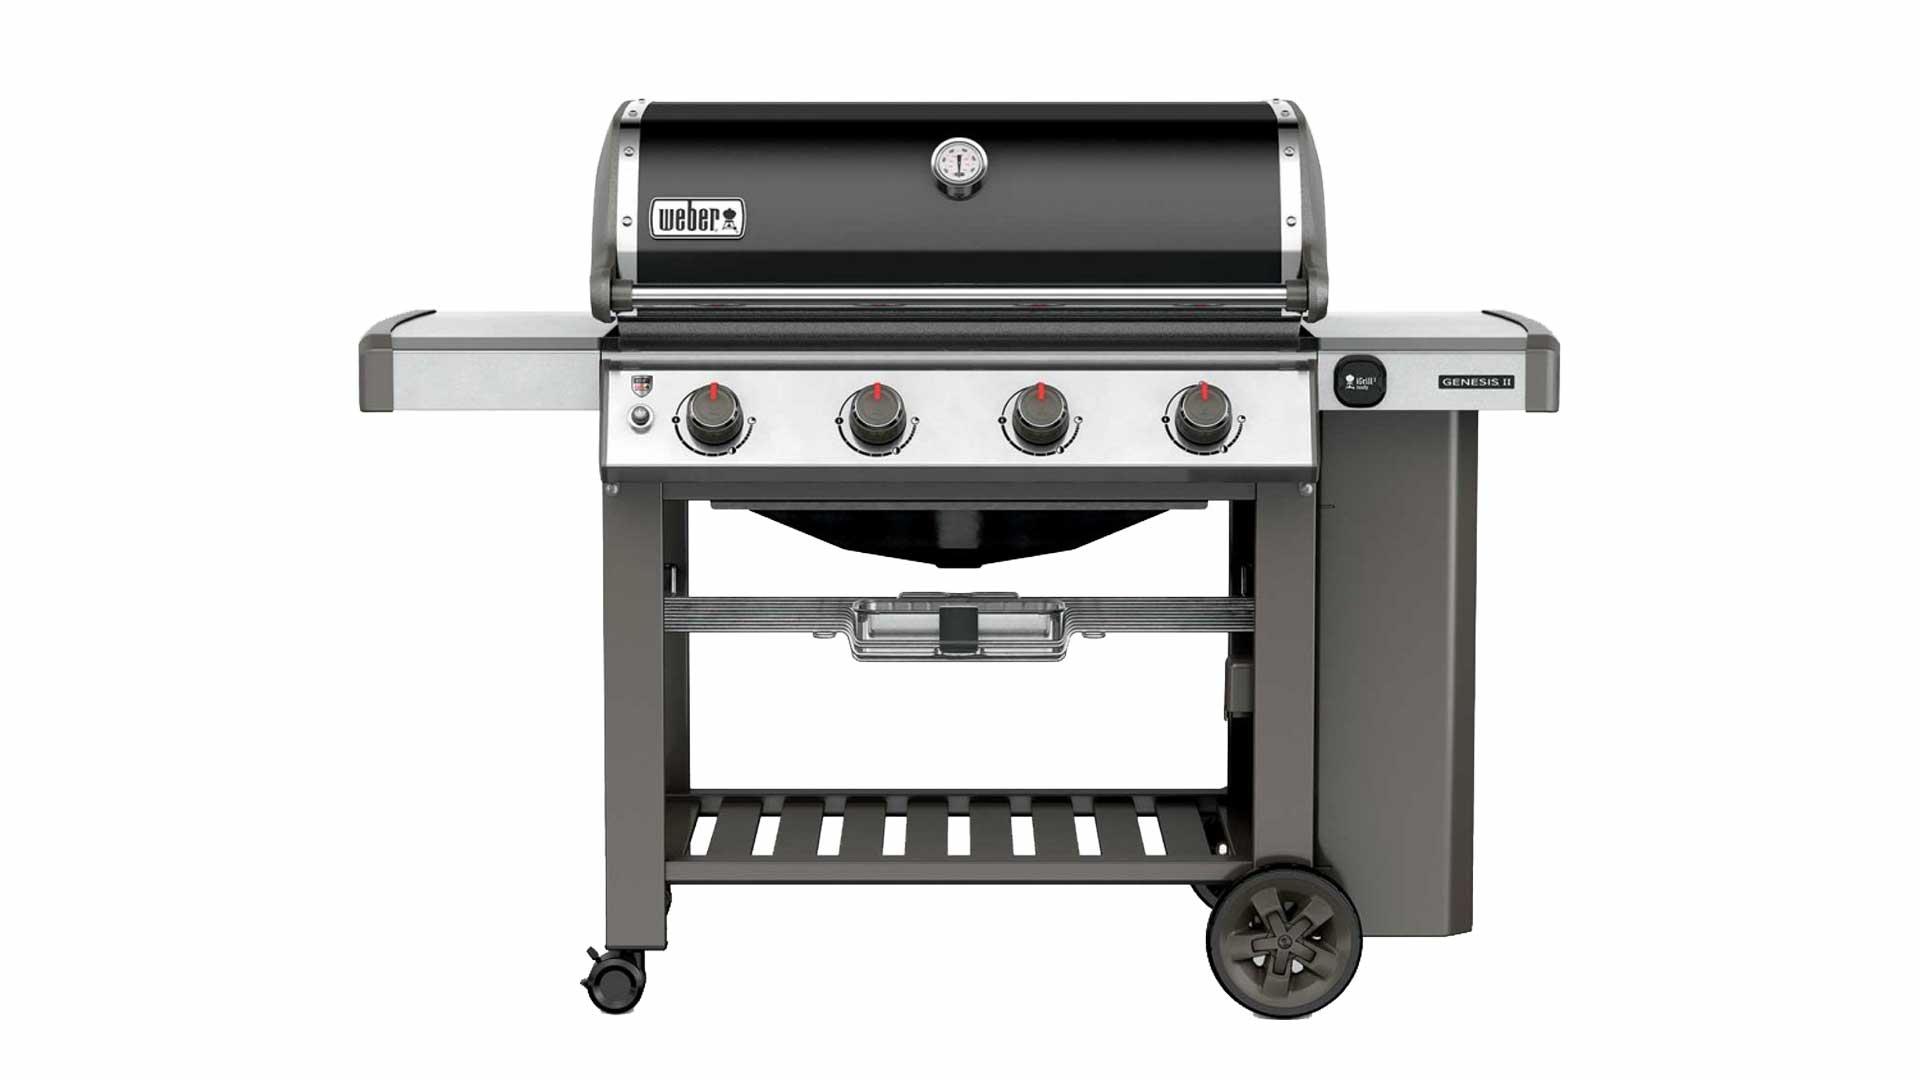 immagine in evidenza della pagina Barbecue Weber Genesis 2 E410 black